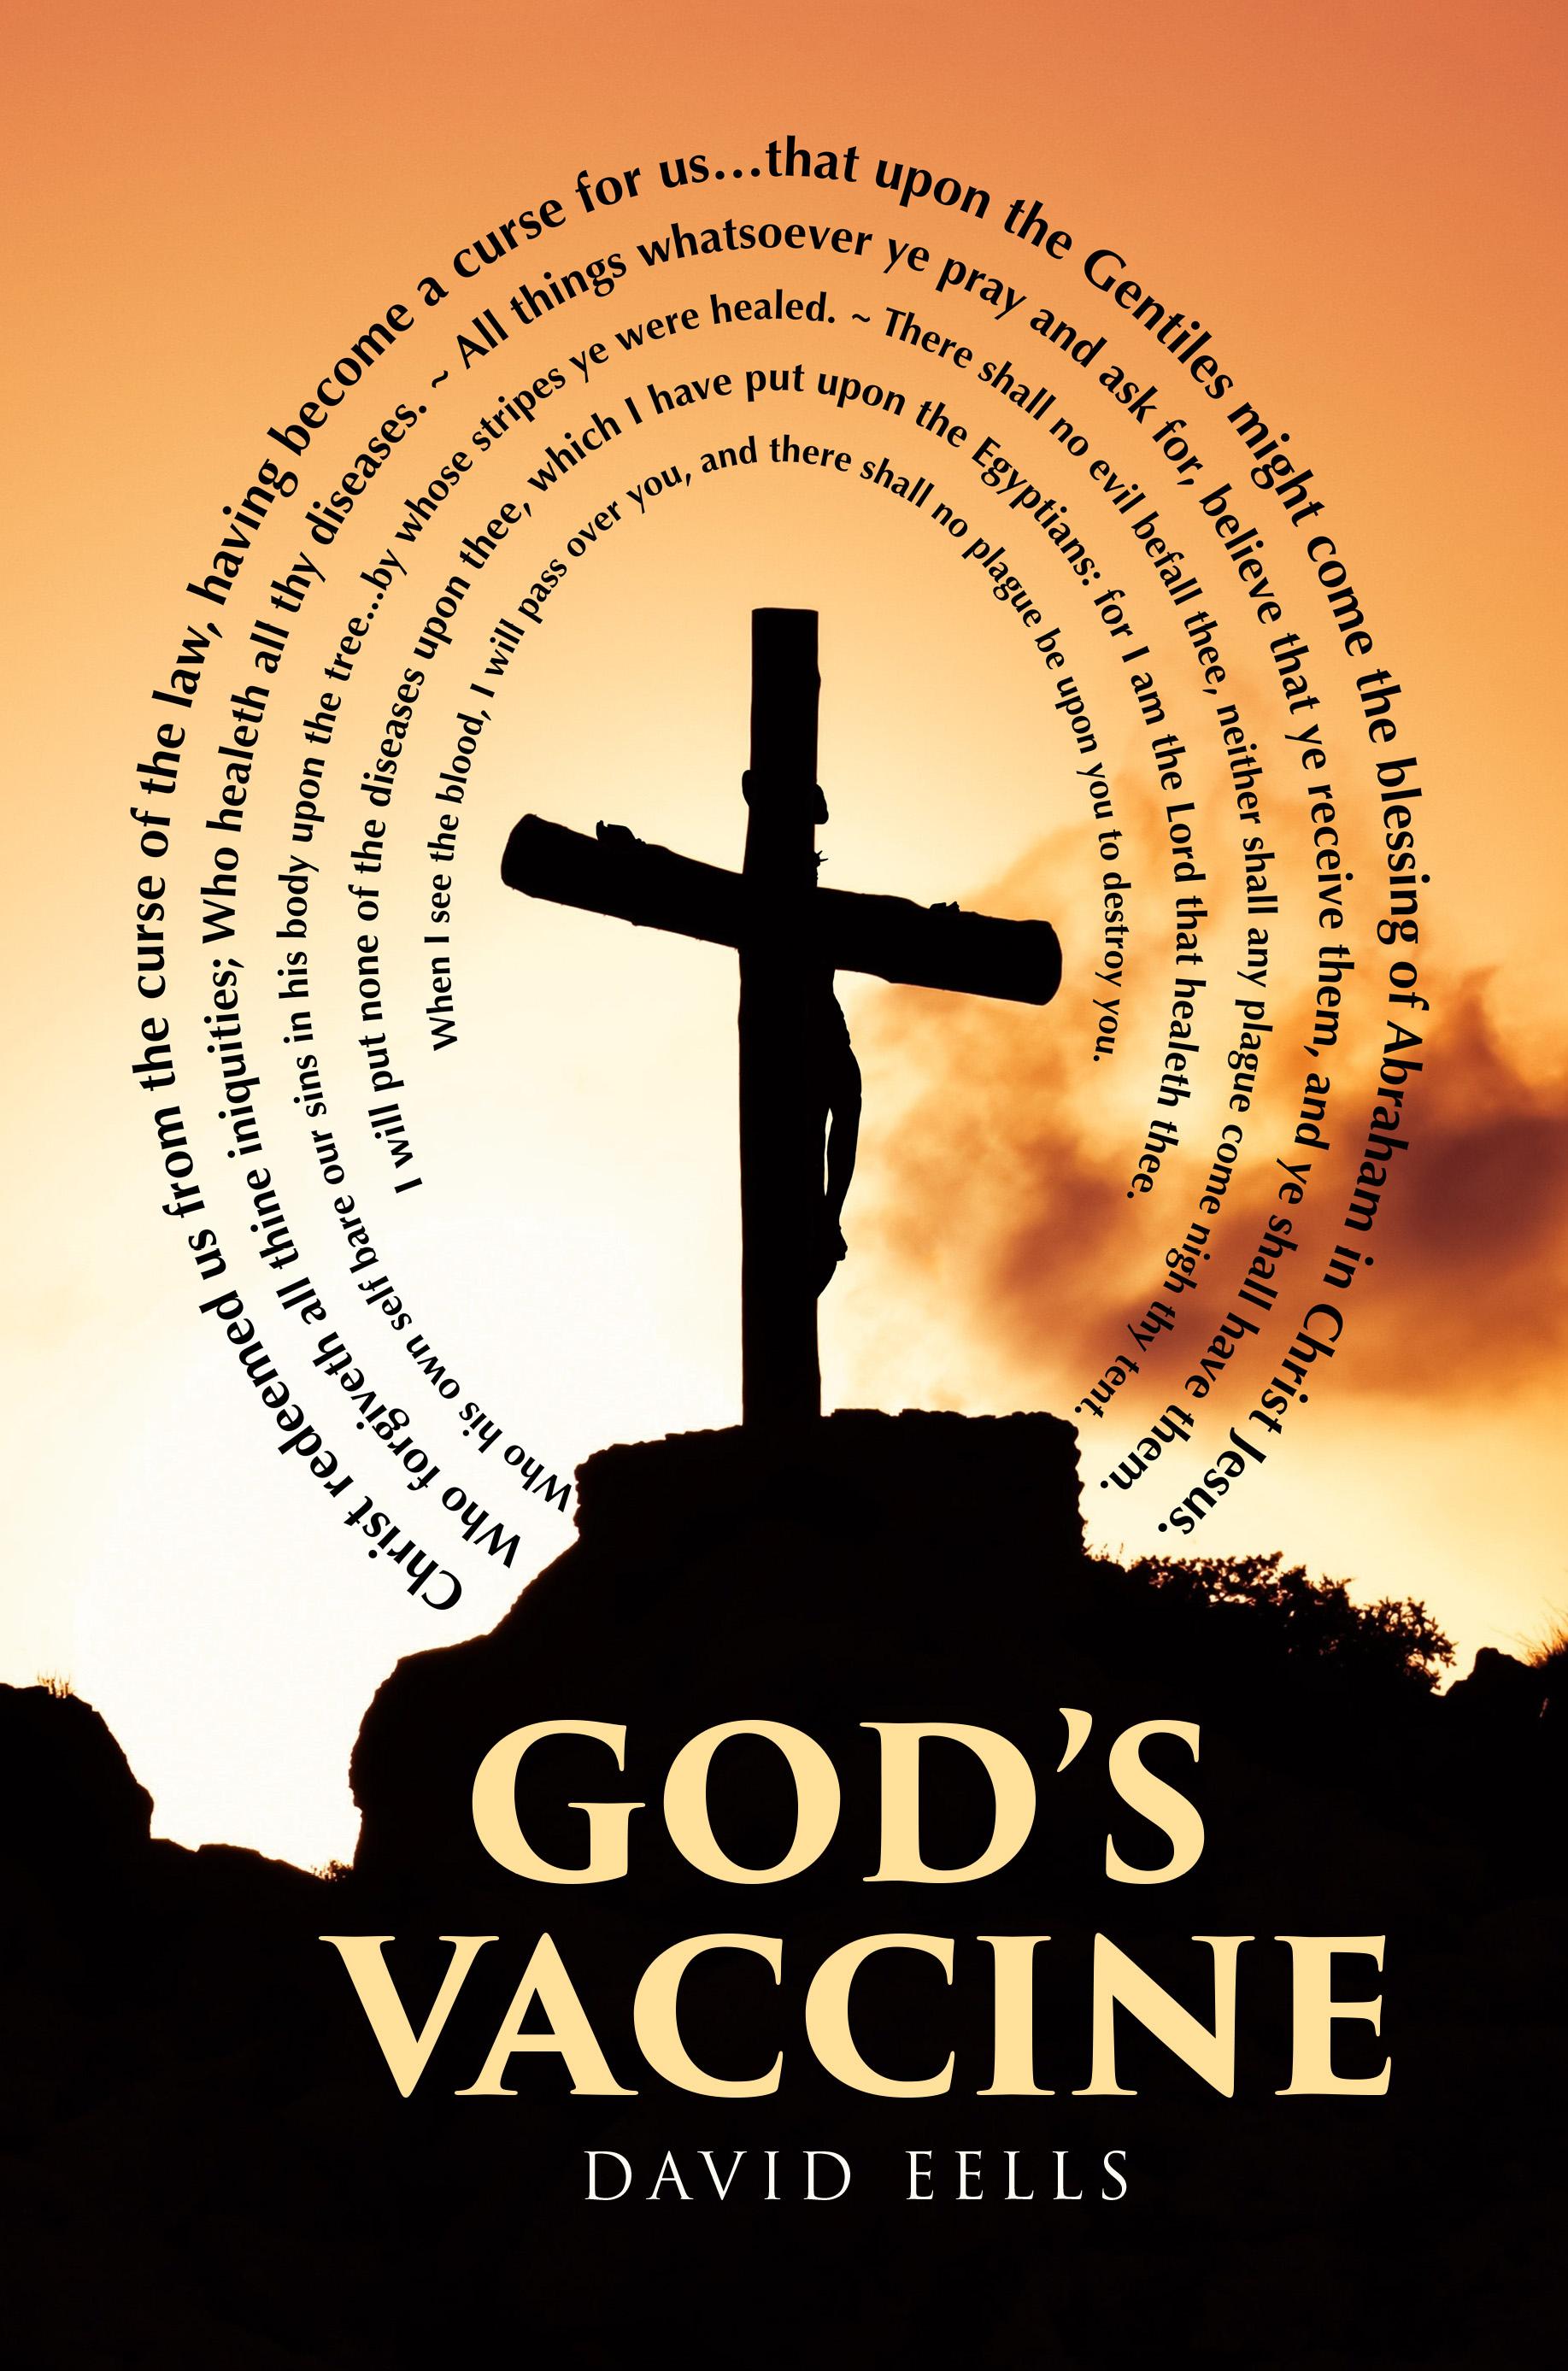 God's Vaccine